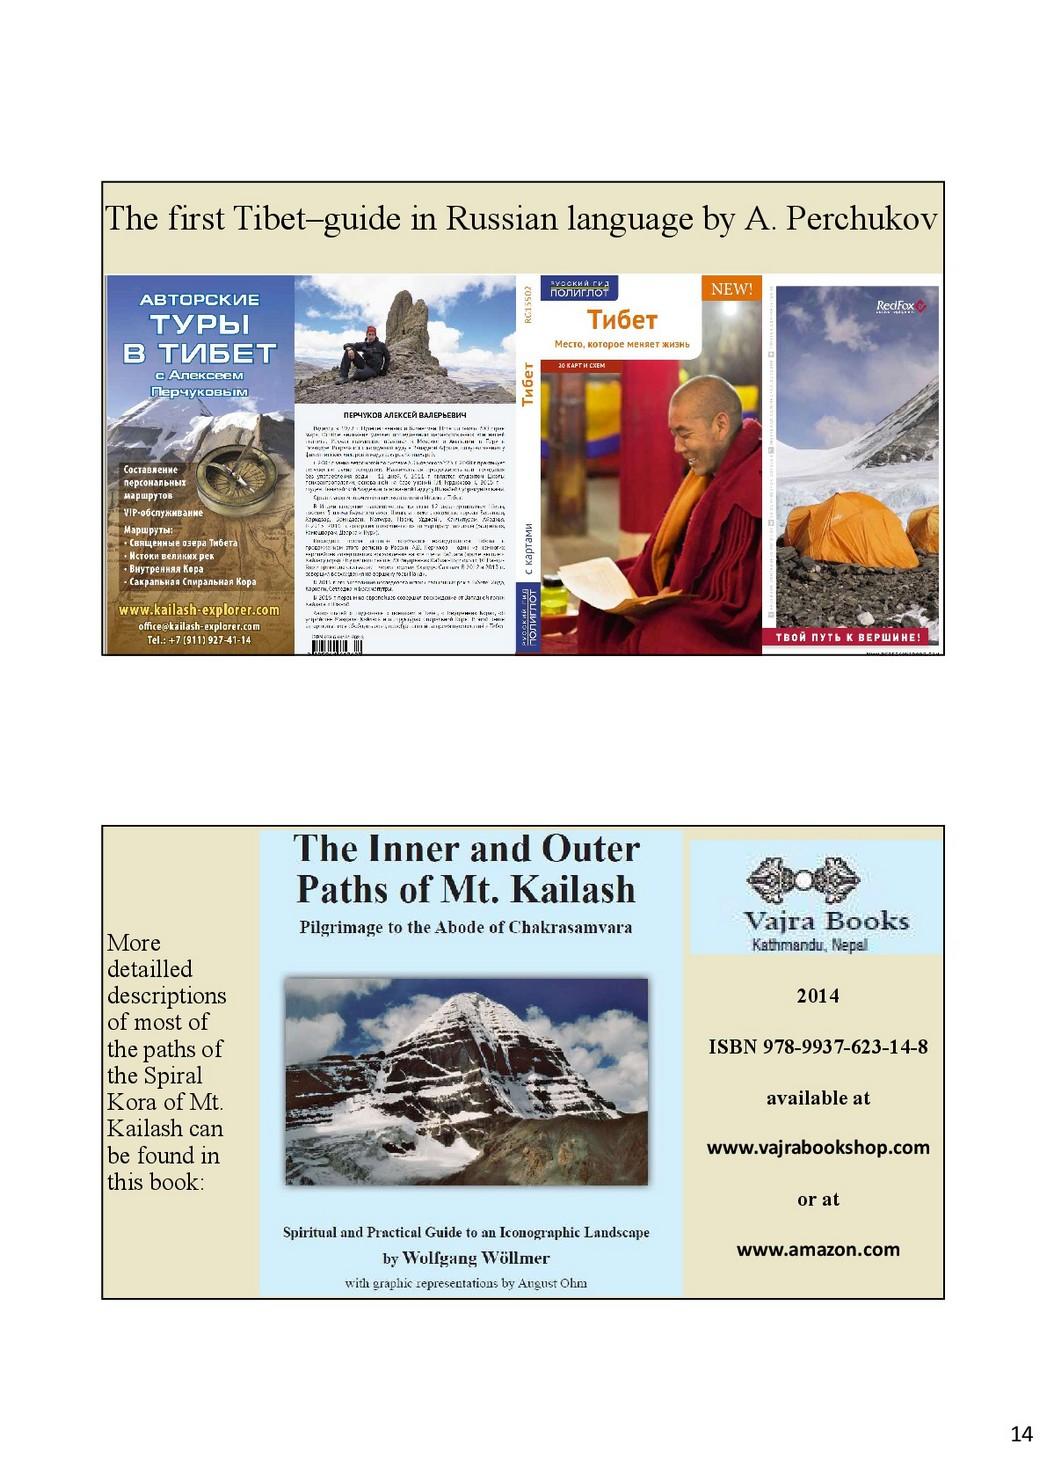 Spiral-Kora-of-Mt.-Kailash-42